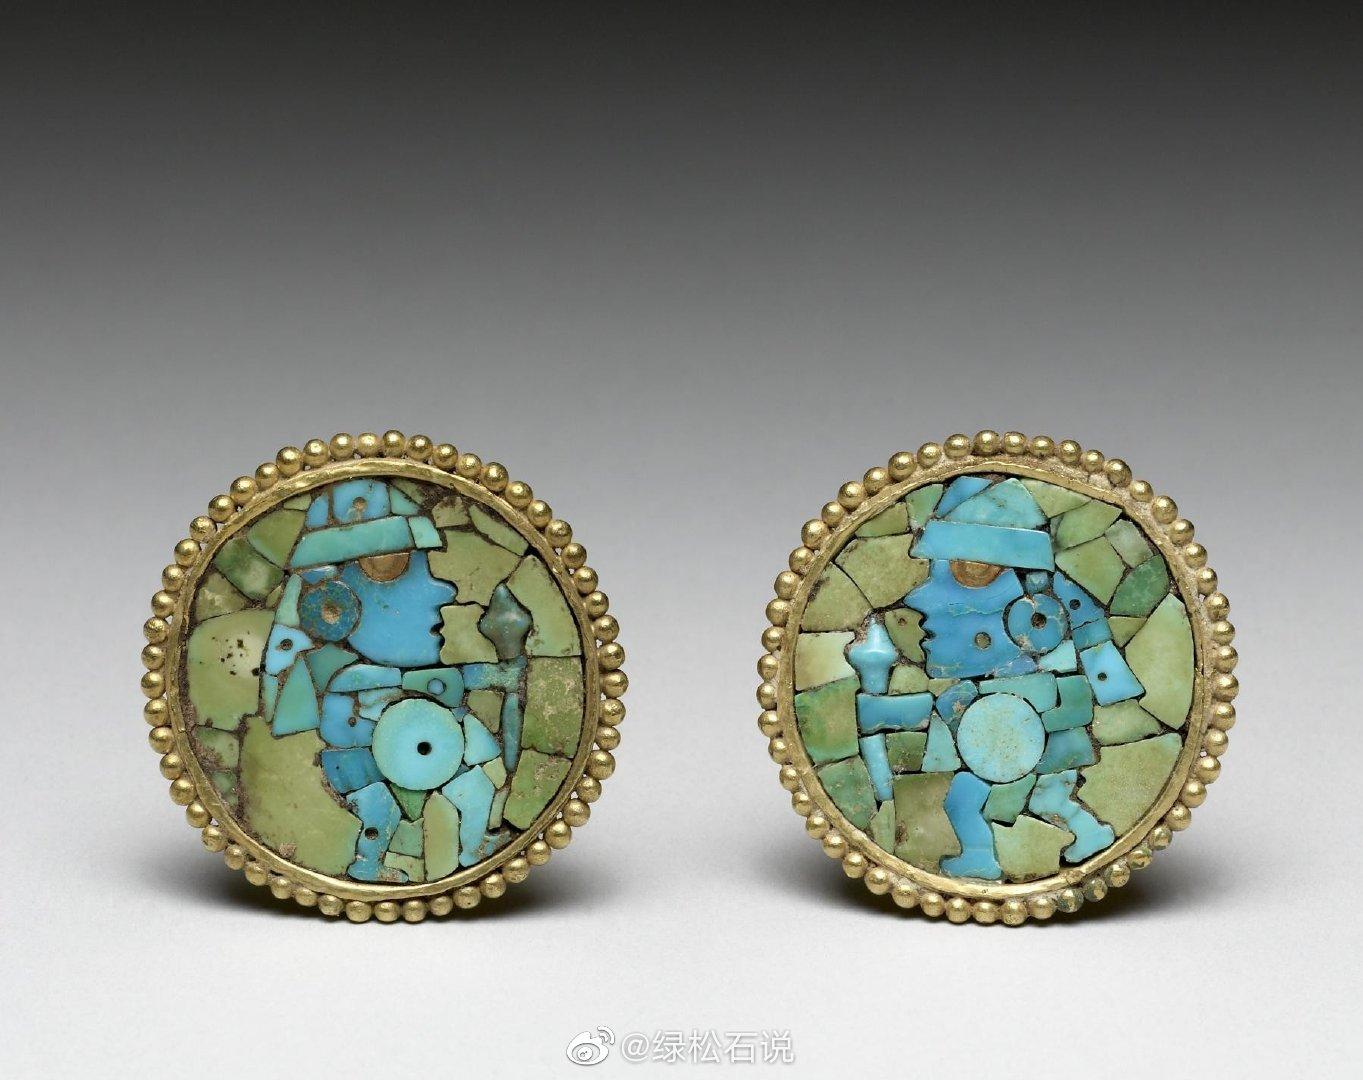 绿松石等玉石拼接镶嵌黄金耳环 | 1000多年前秘鲁工艺